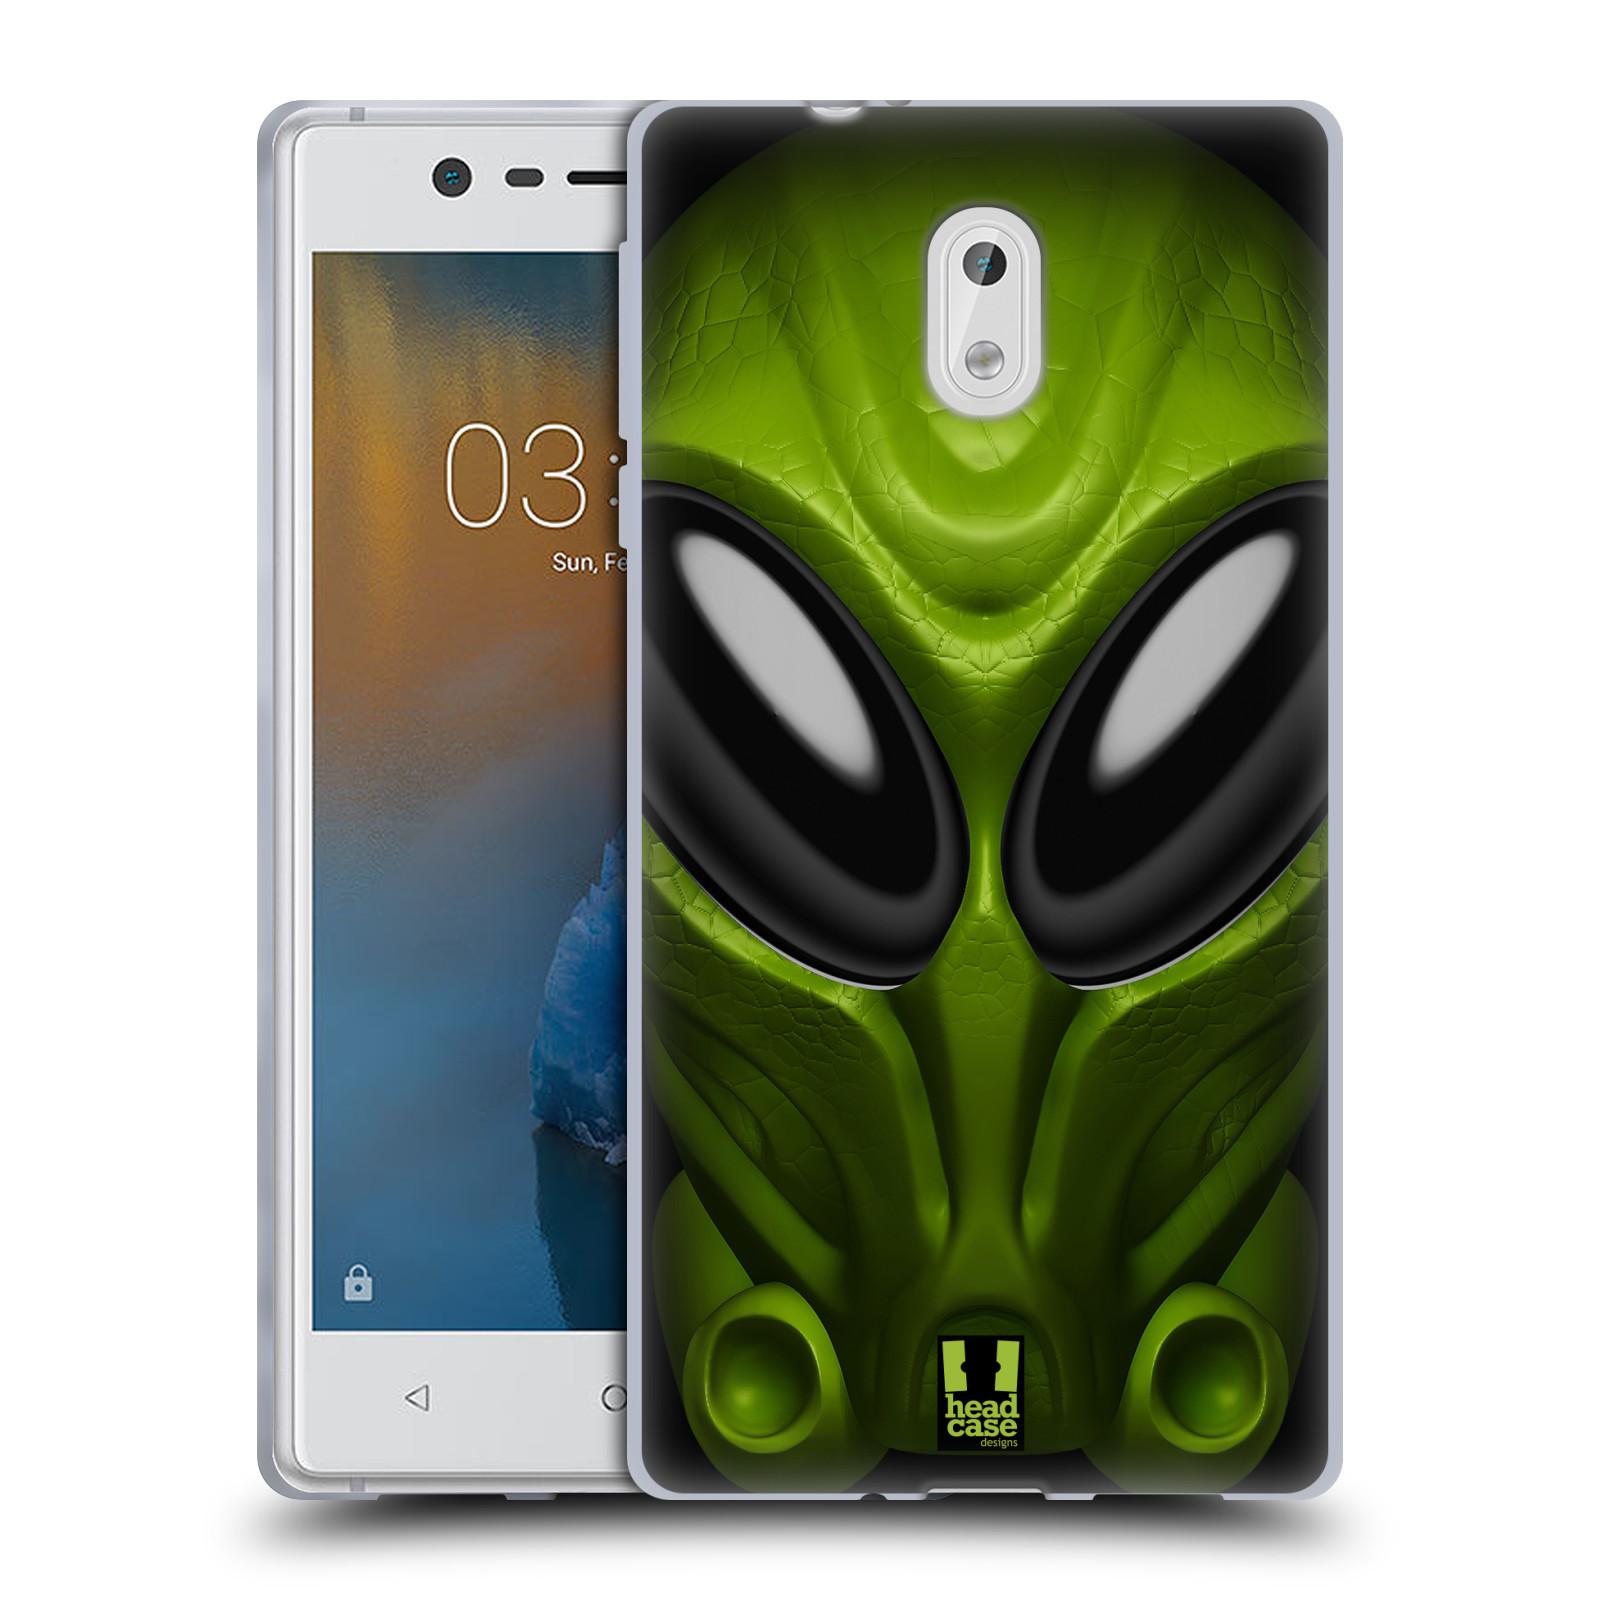 Silikonové pouzdro na mobil Nokia 3 Head Case - Ufoun Mastermind